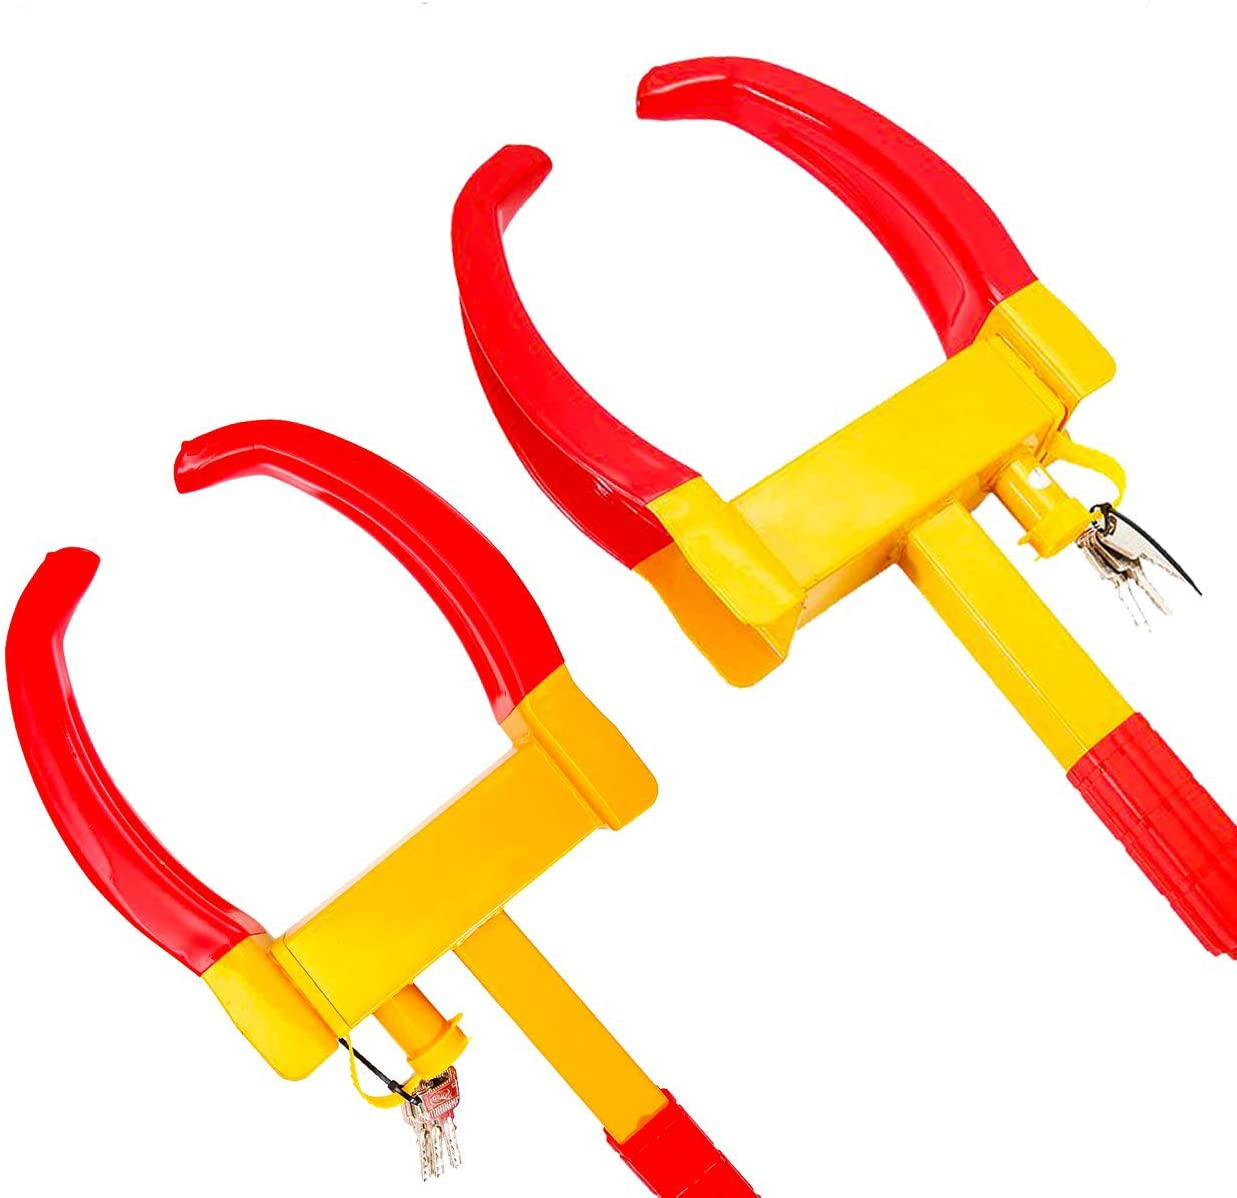 ALAVENTE Heavy Duty Trailer Lock Special sale item Anti-T Wheel Adjustable Clamps Superior